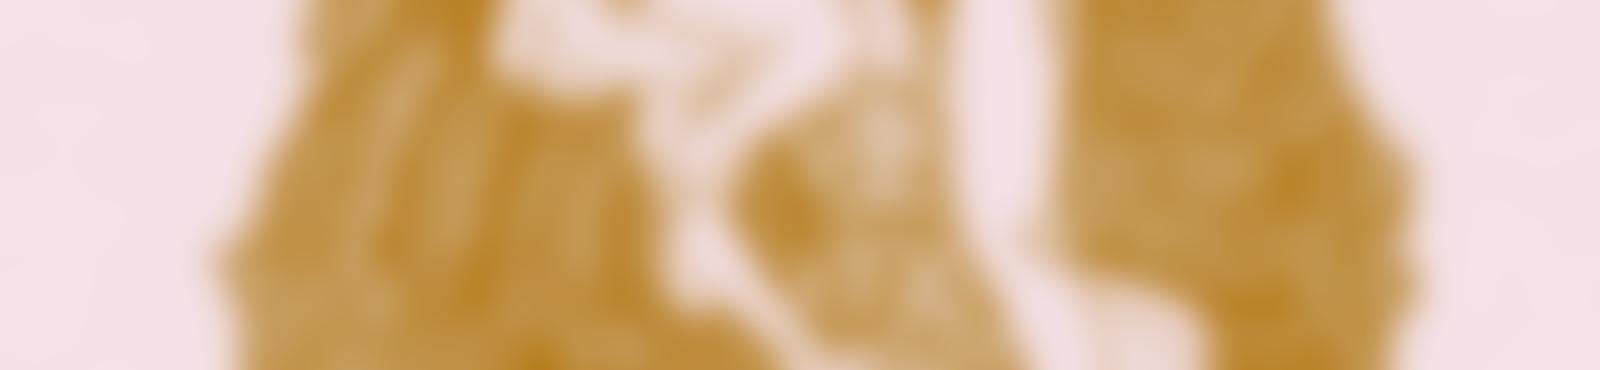 Blurred e41f6651 55fb 452a bfd3 28bd72faadfe